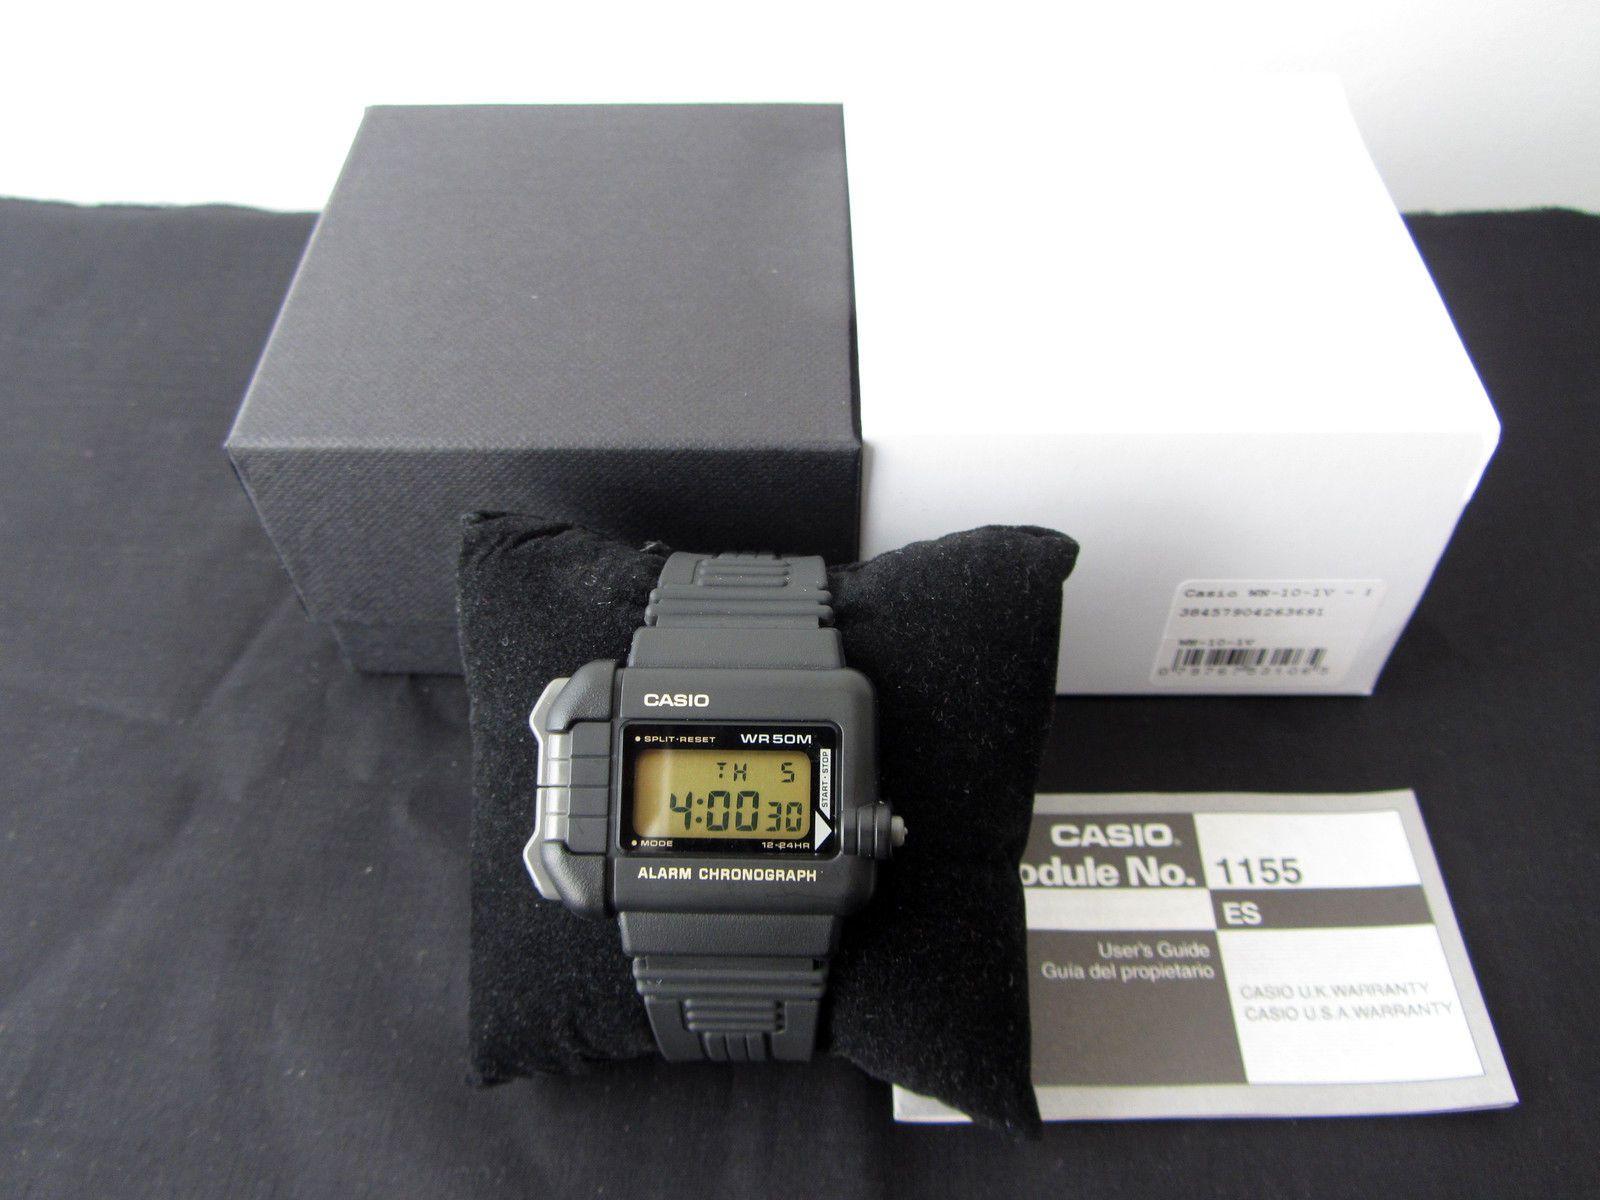 2019 Wn10 NosEbay Vintage Productos En Casio Reloj vY76gybf